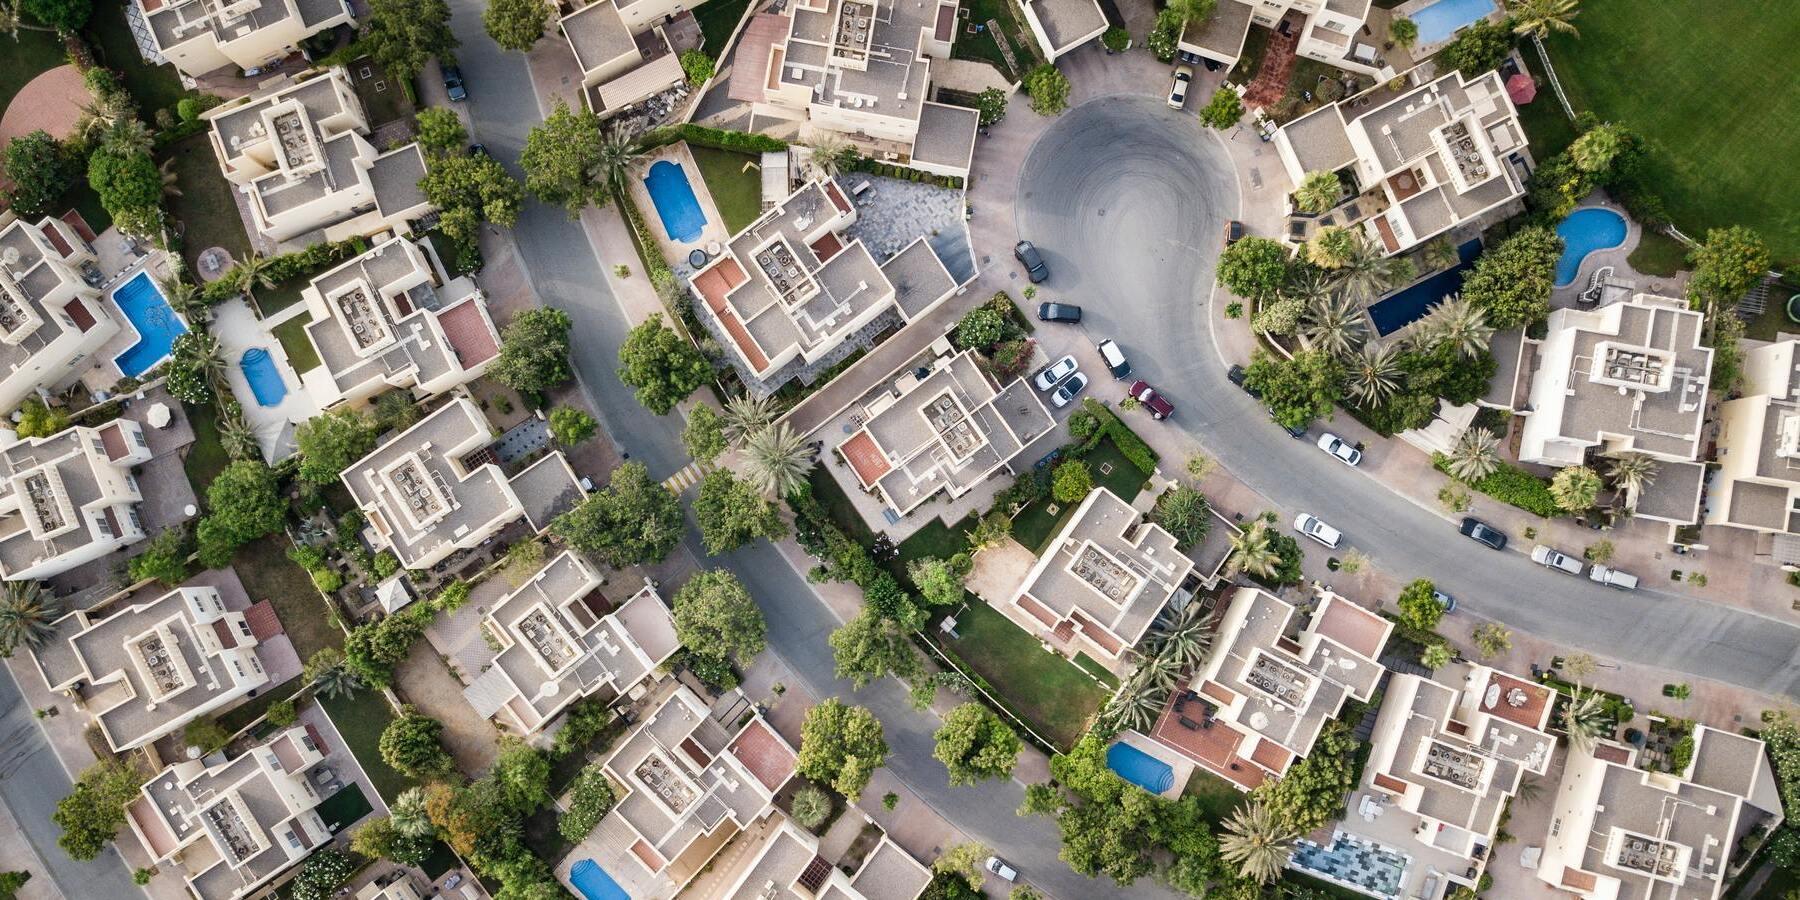 Wann lohnt sich ein Immobilienkauf - Haeuser Strasse